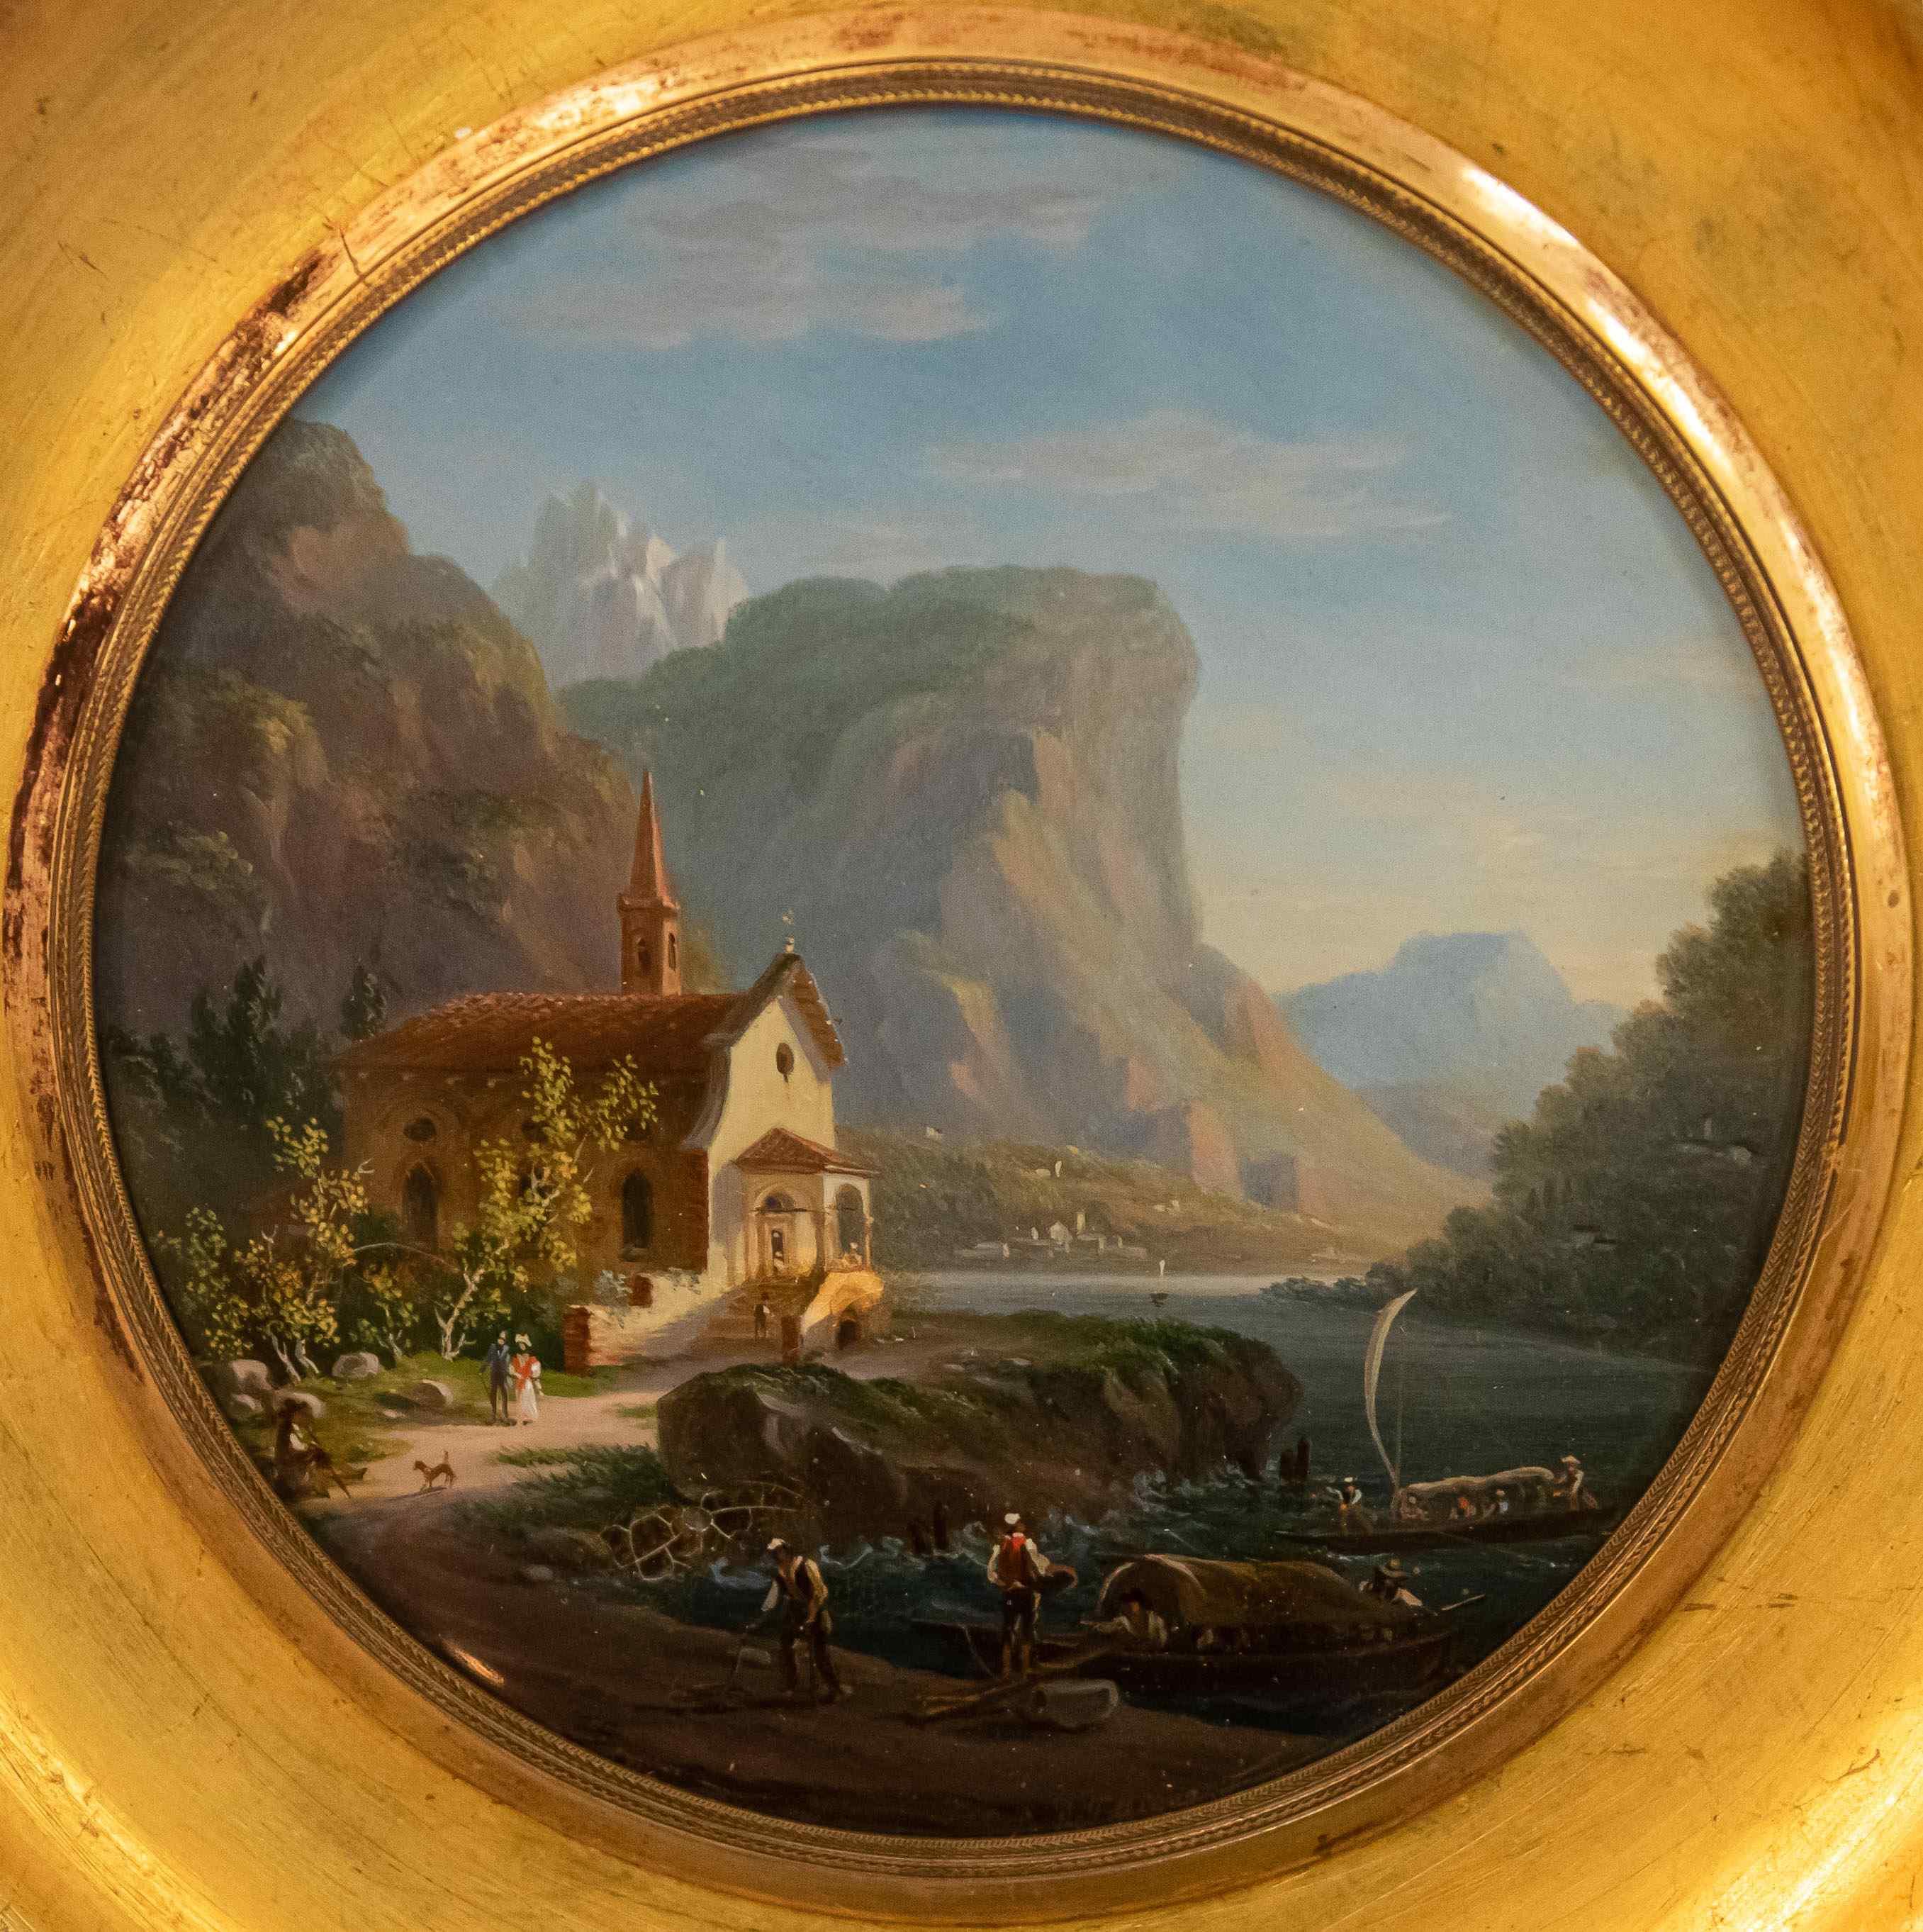 Chiesetta sull'Adige, Giuseppe Canella, XVIII-XIX secolo